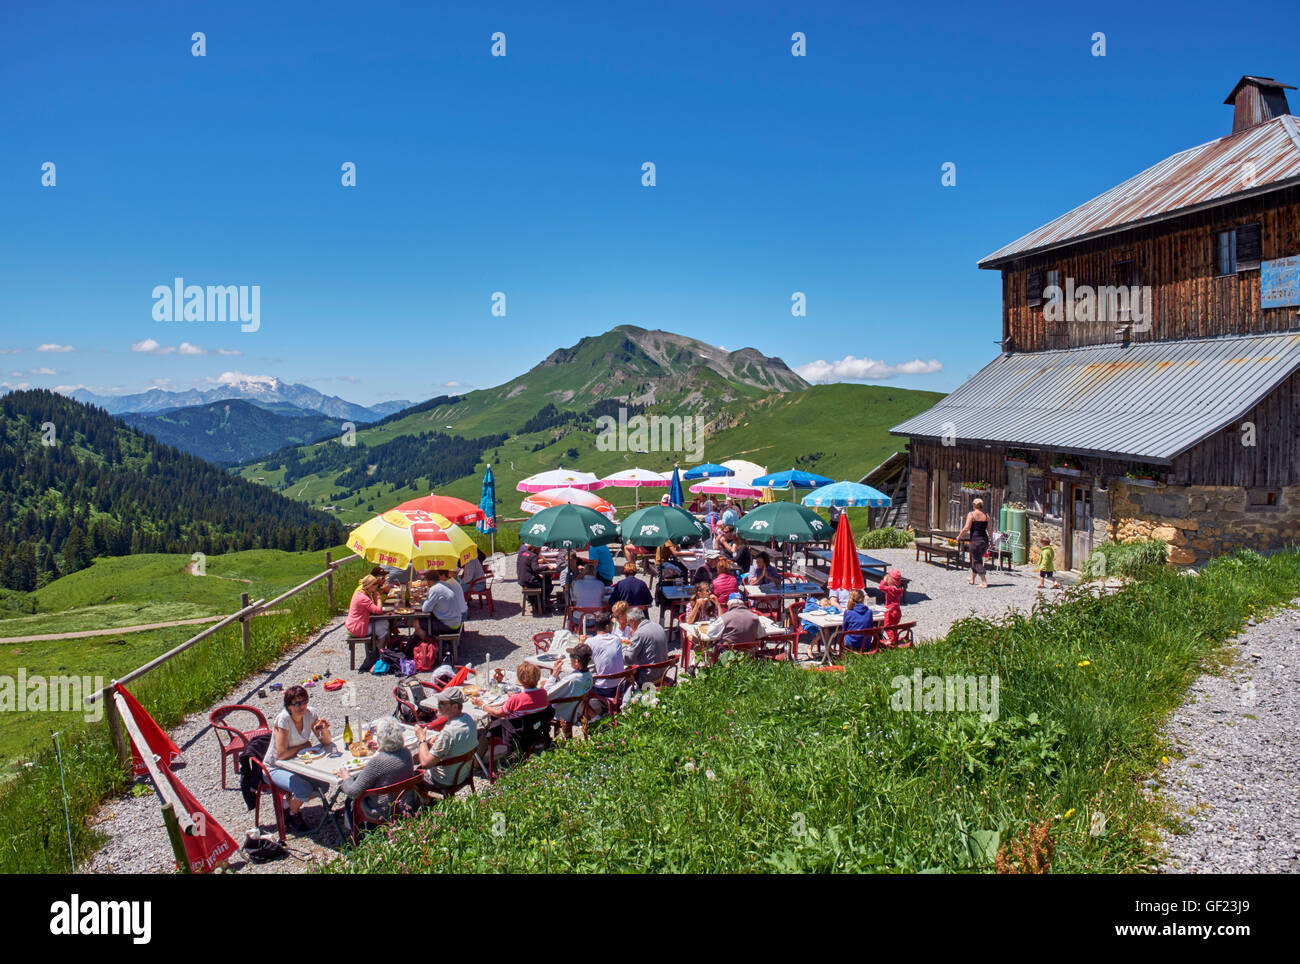 Restaurant terrace at Col des Annes. Le Grand Bornand, Haute-Savoie, France. - Stock Image